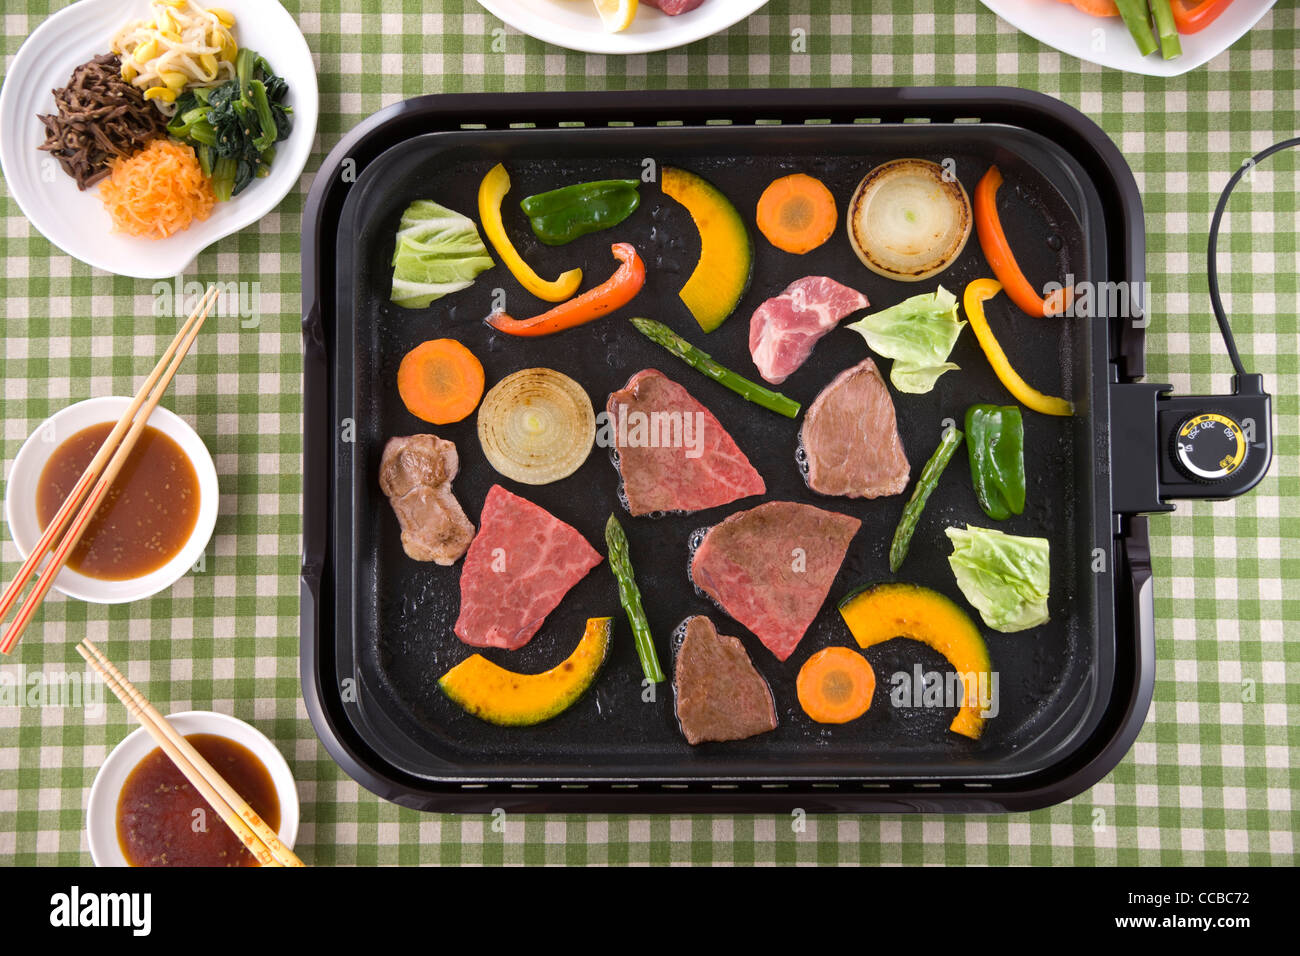 Gegrilltes Rindfleisch auf heißer Platte Stockbild